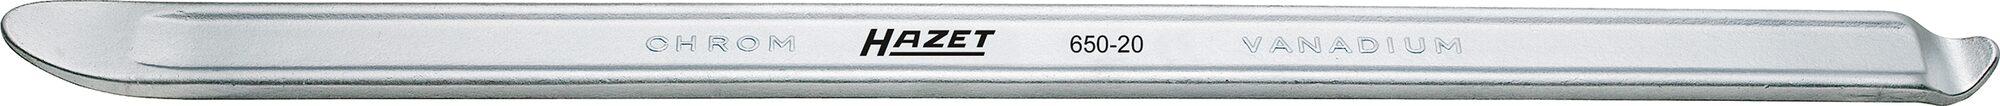 HAZET Reifen- und Montagehebel 650-16